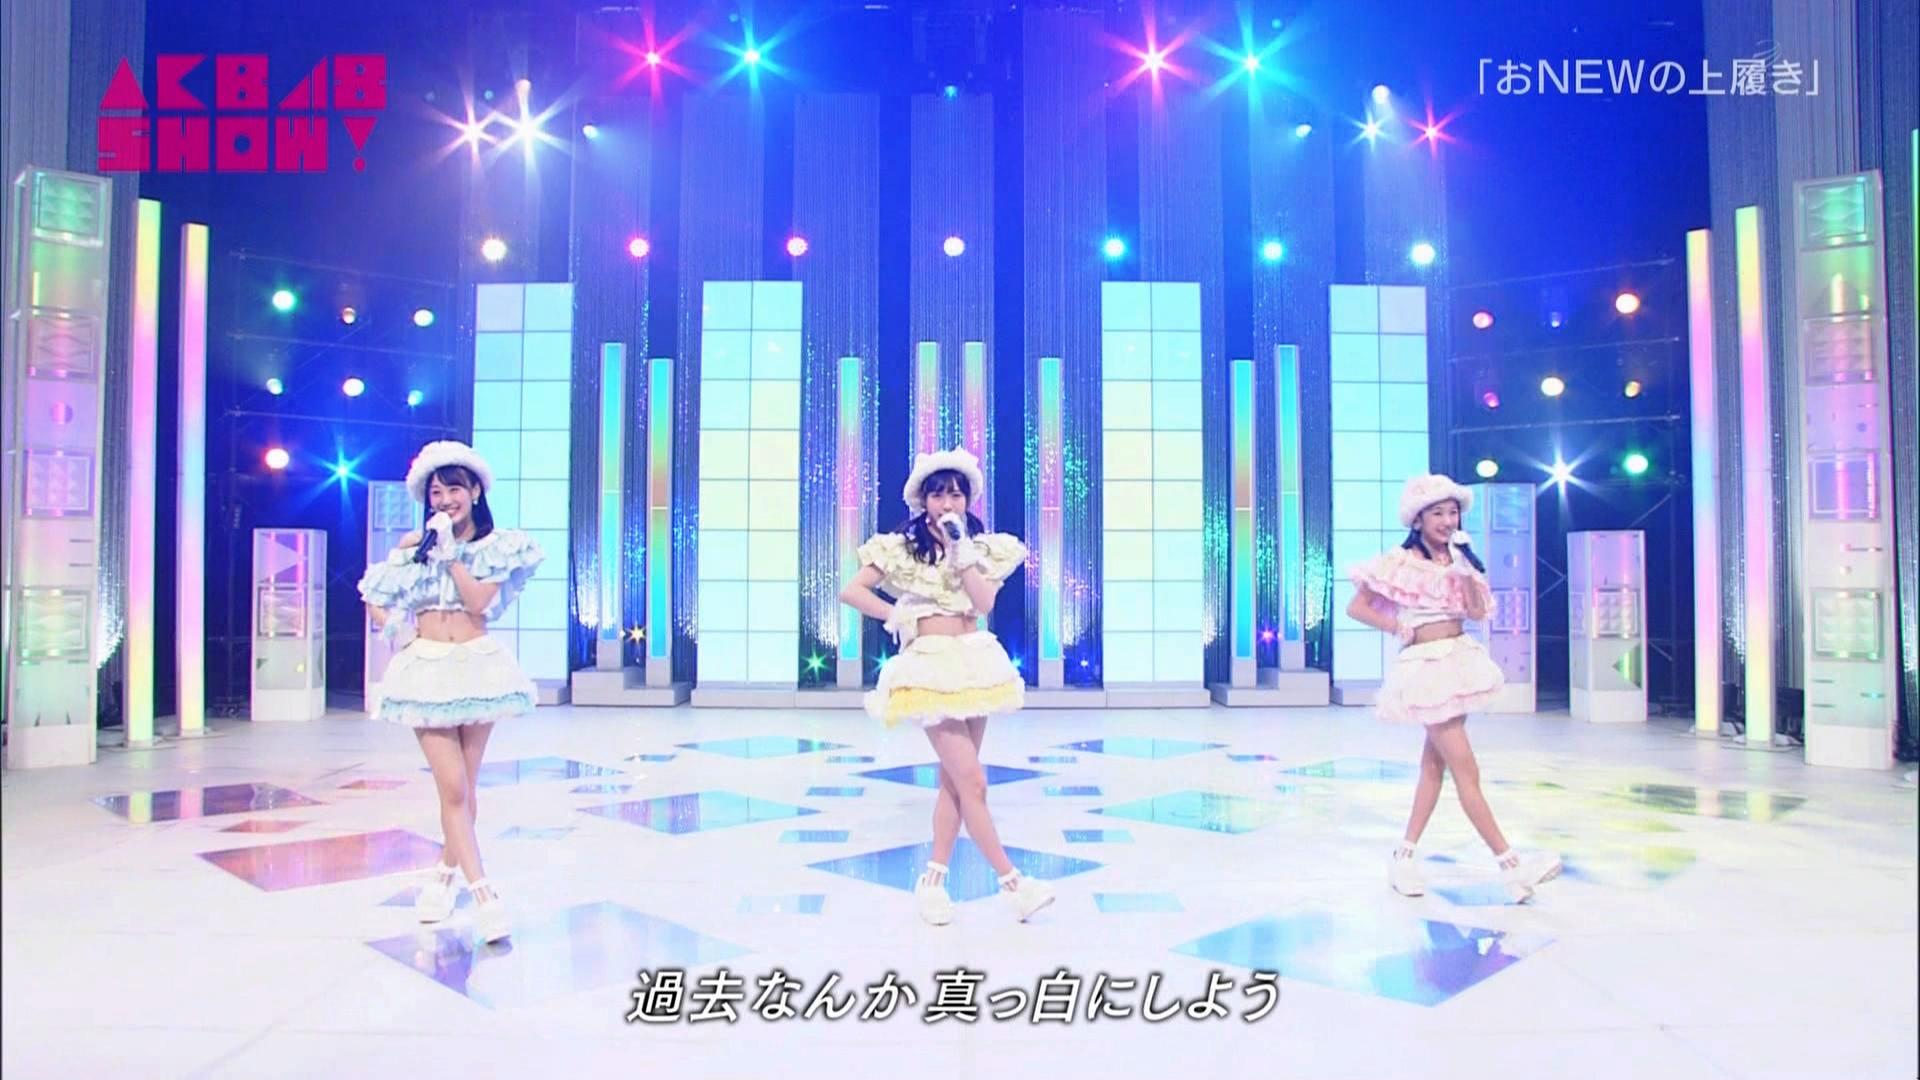 【梅山恋和/塩月希依音/南羽諒】ココナ・けいと・はあさ出演AKB48SHOW!「おNEWの上履き」の画像。